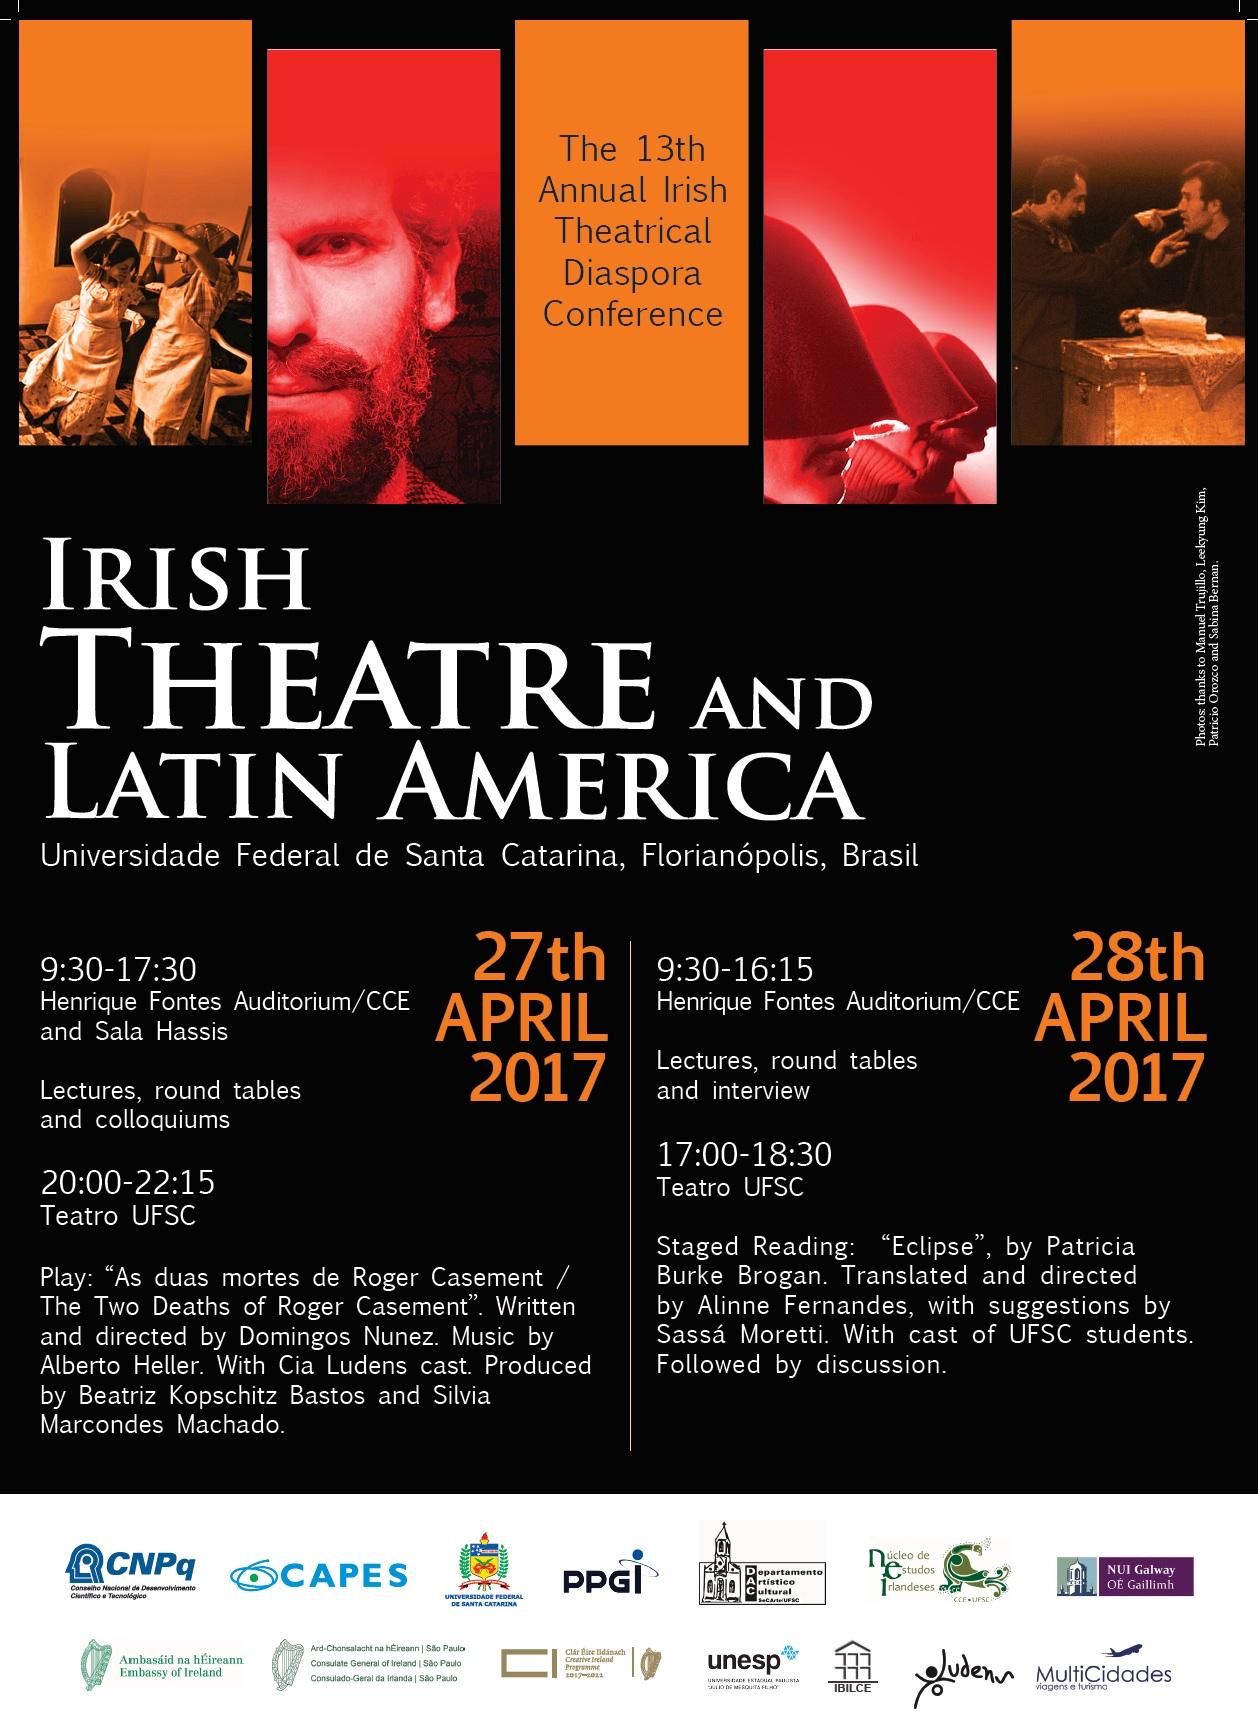 13ª Conferência Internacional de Diáspora e Teatro Irlandês @ Auditório Henrique Fontes, Bloco B do Centro de Comunicação e Expressão (CCE), UFSC. | Santa Catarina | Brasil